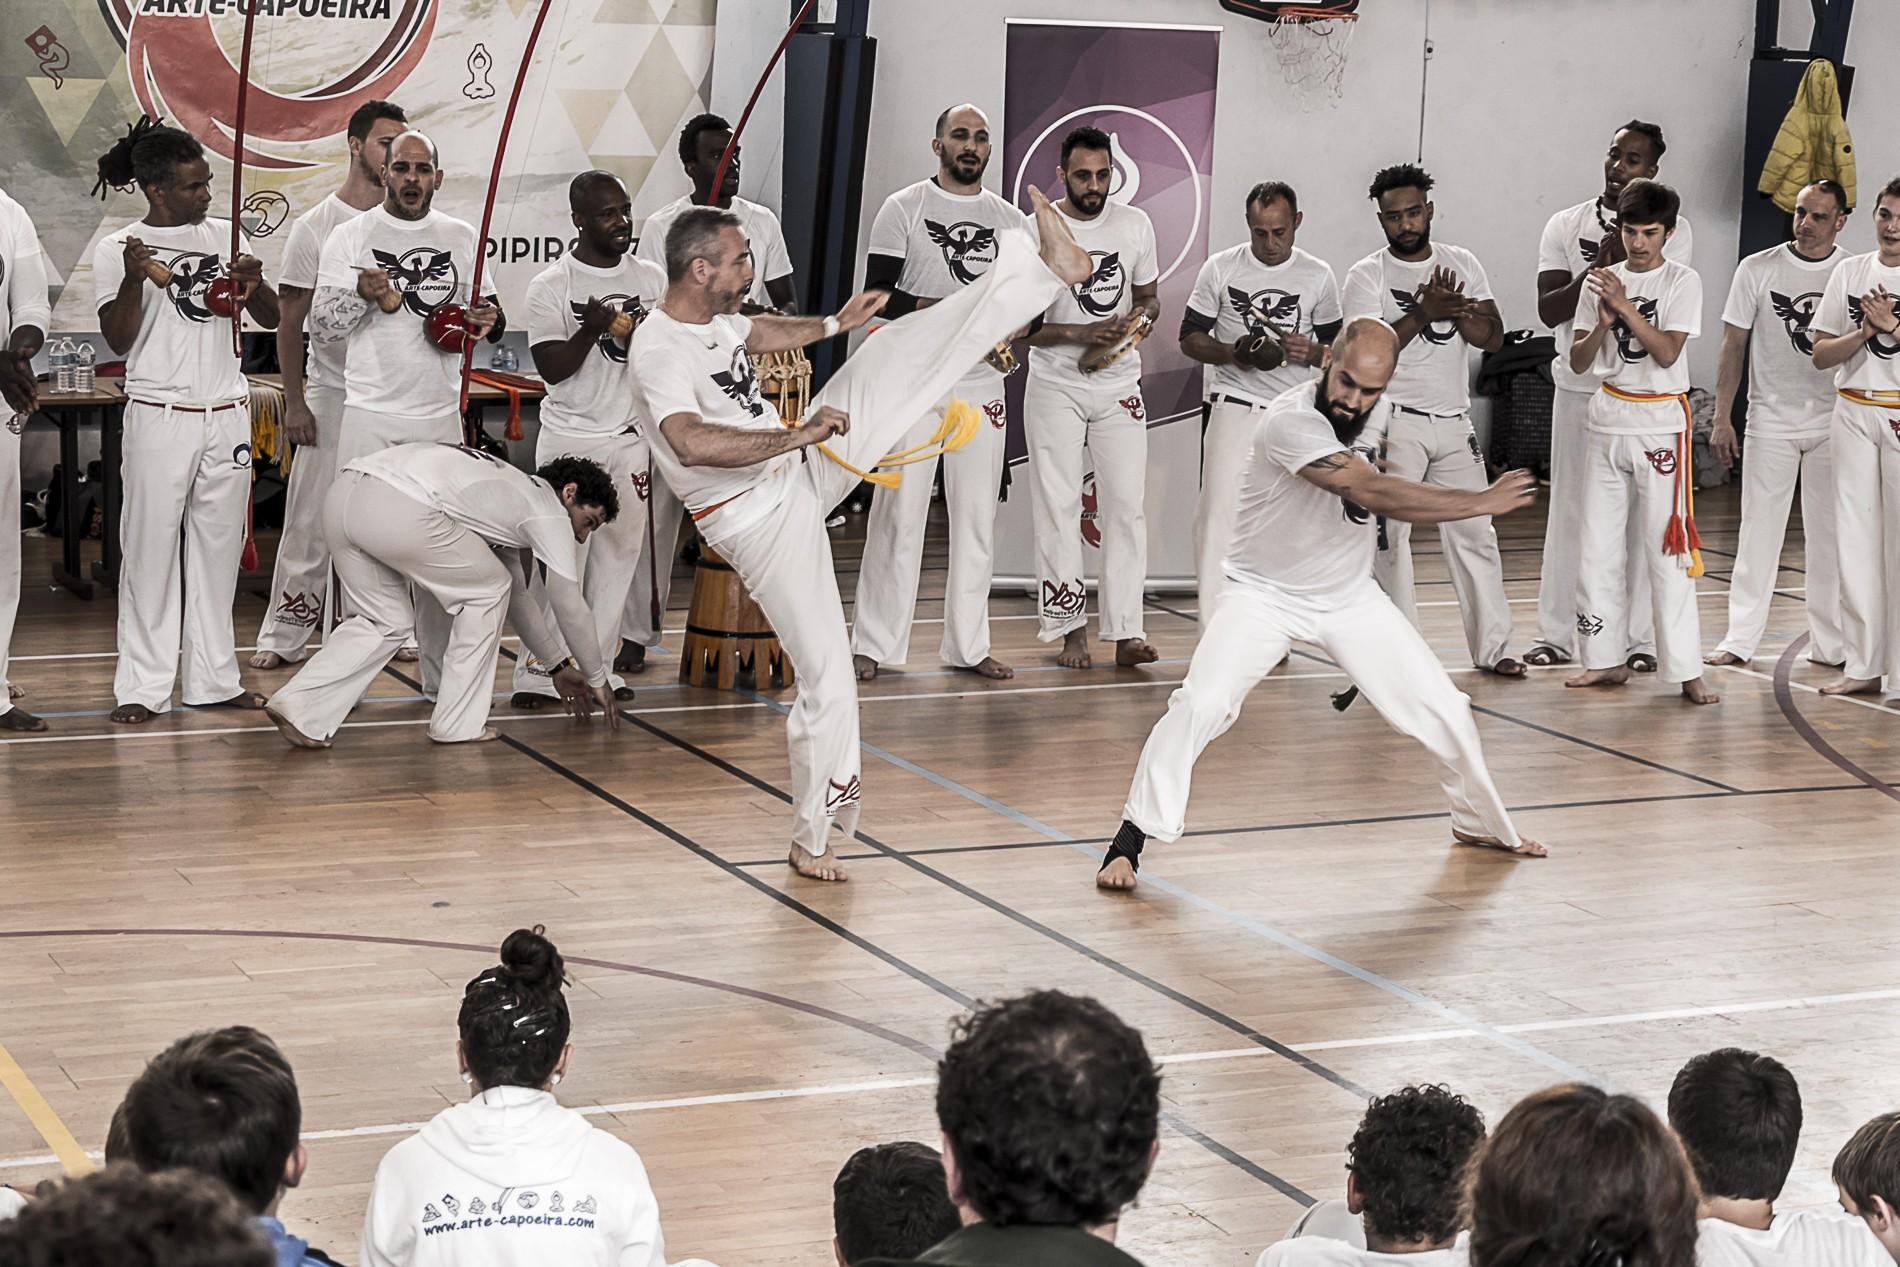 Arte-Capoeira Gironde Landes